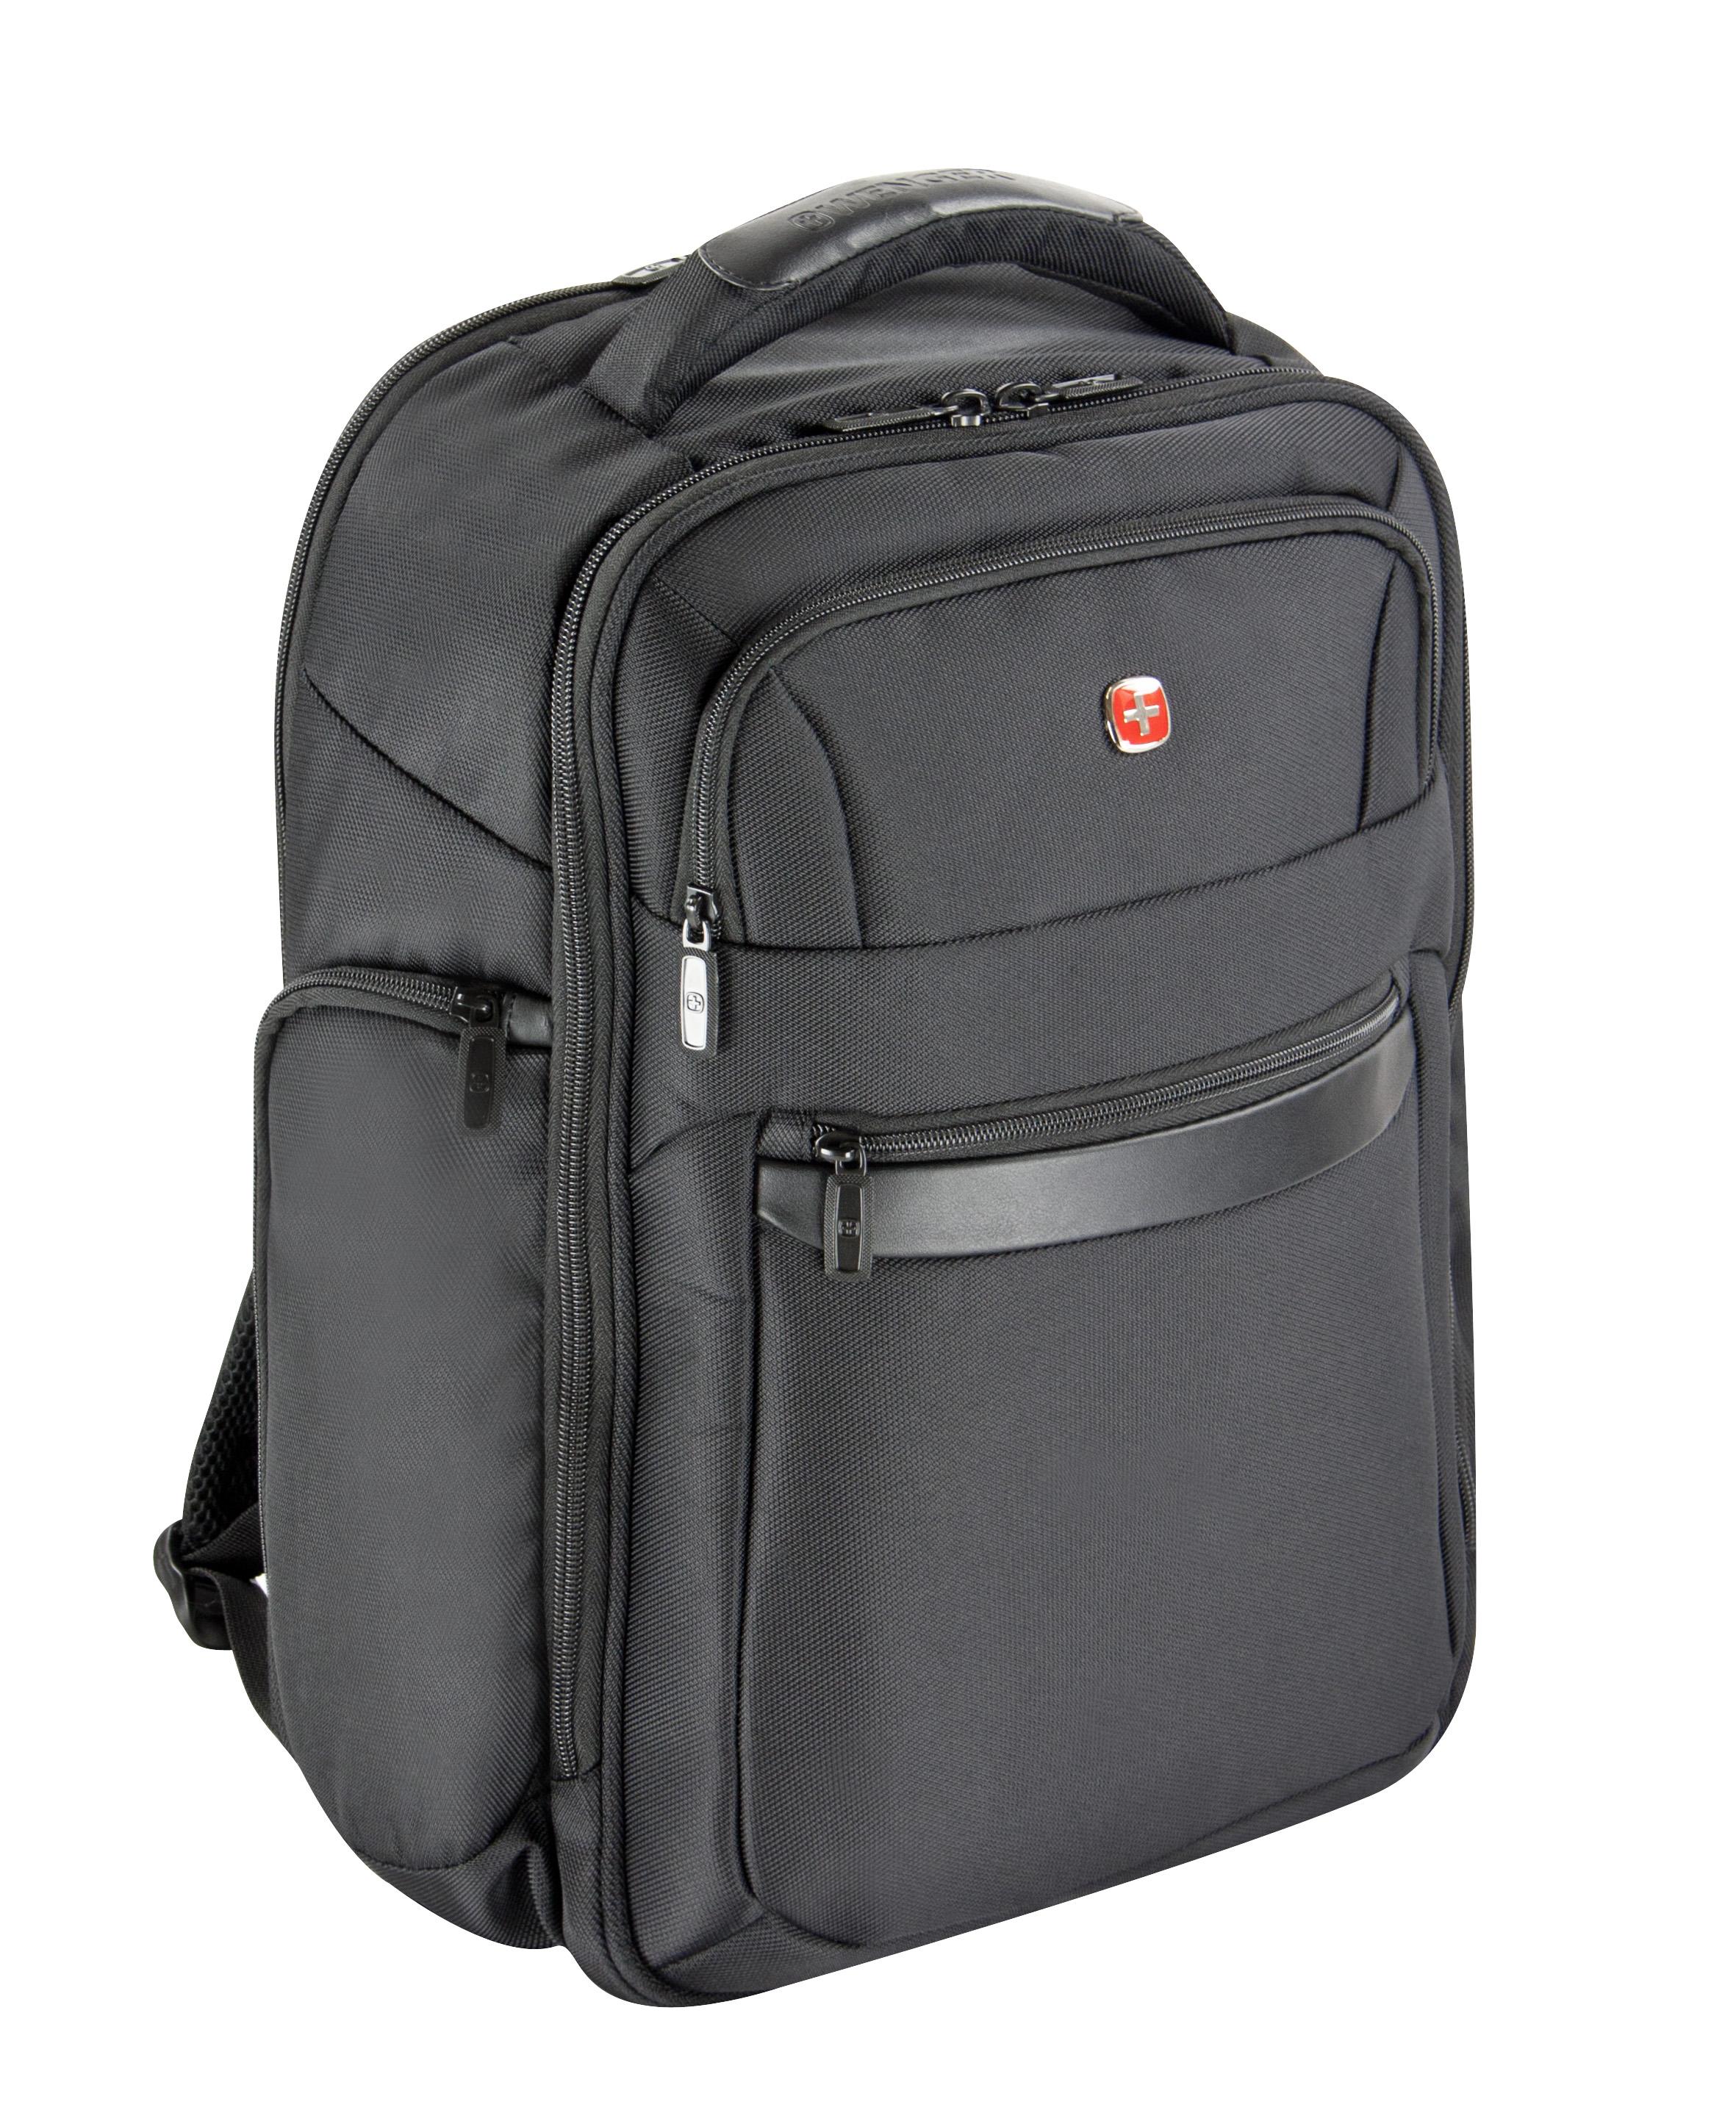 wenger business basic rucksack mit laptopfach 17 jetzt online kaufen bei. Black Bedroom Furniture Sets. Home Design Ideas